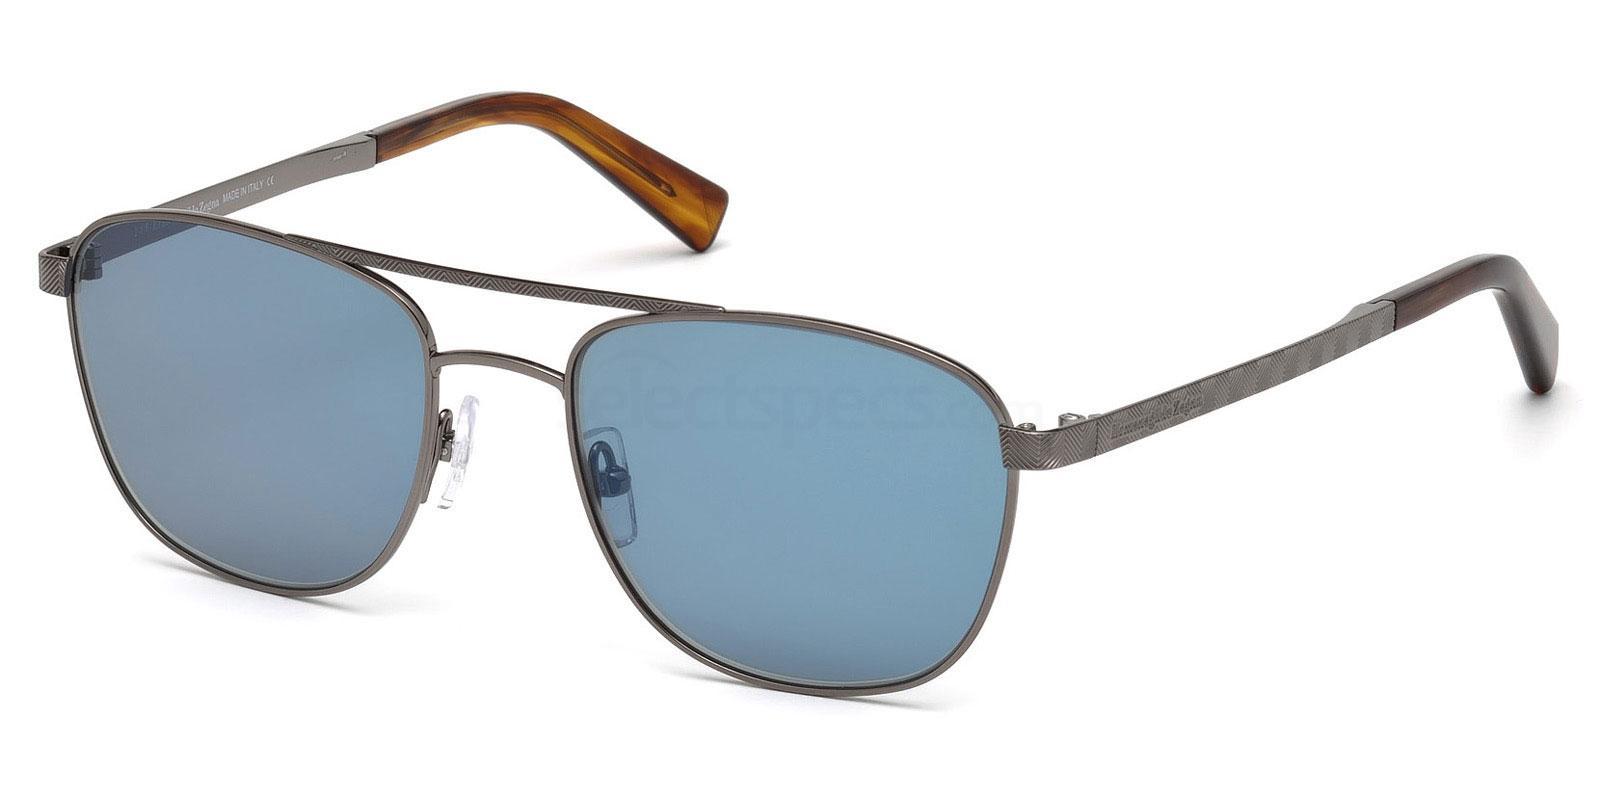 12V EZ0071 Sunglasses, Ermenegildo Zegna